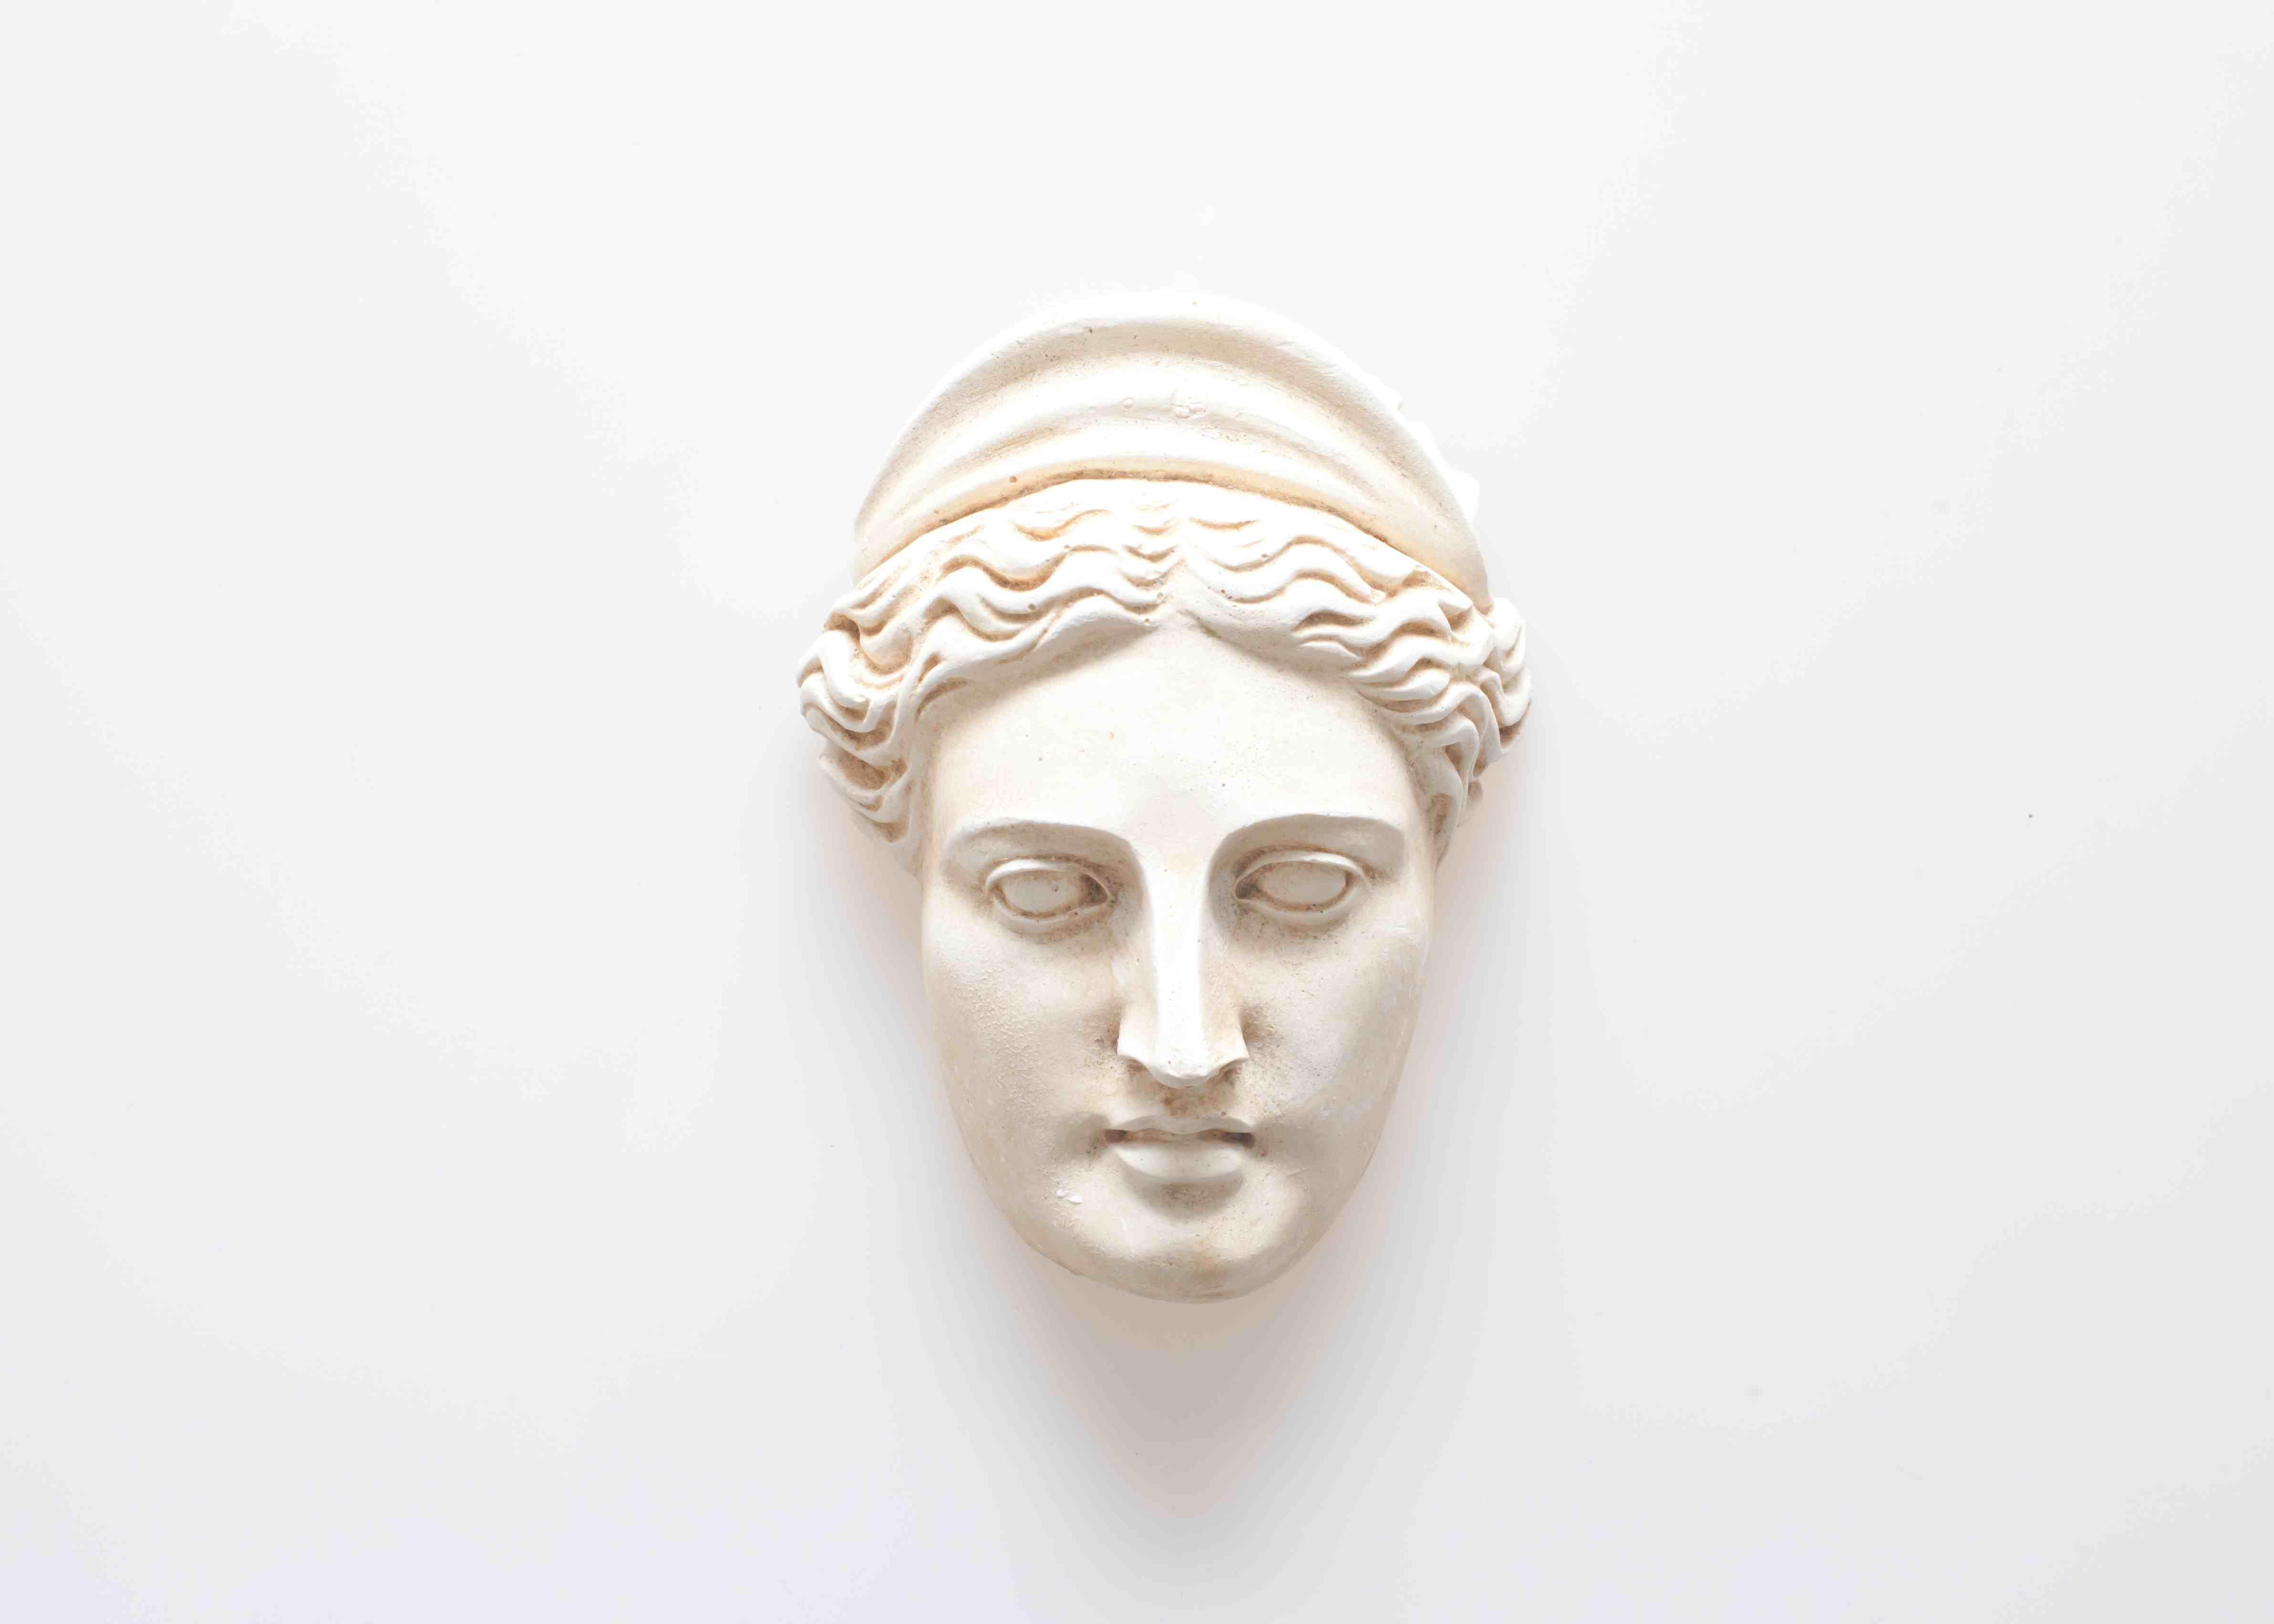 Head of Hera sculpture